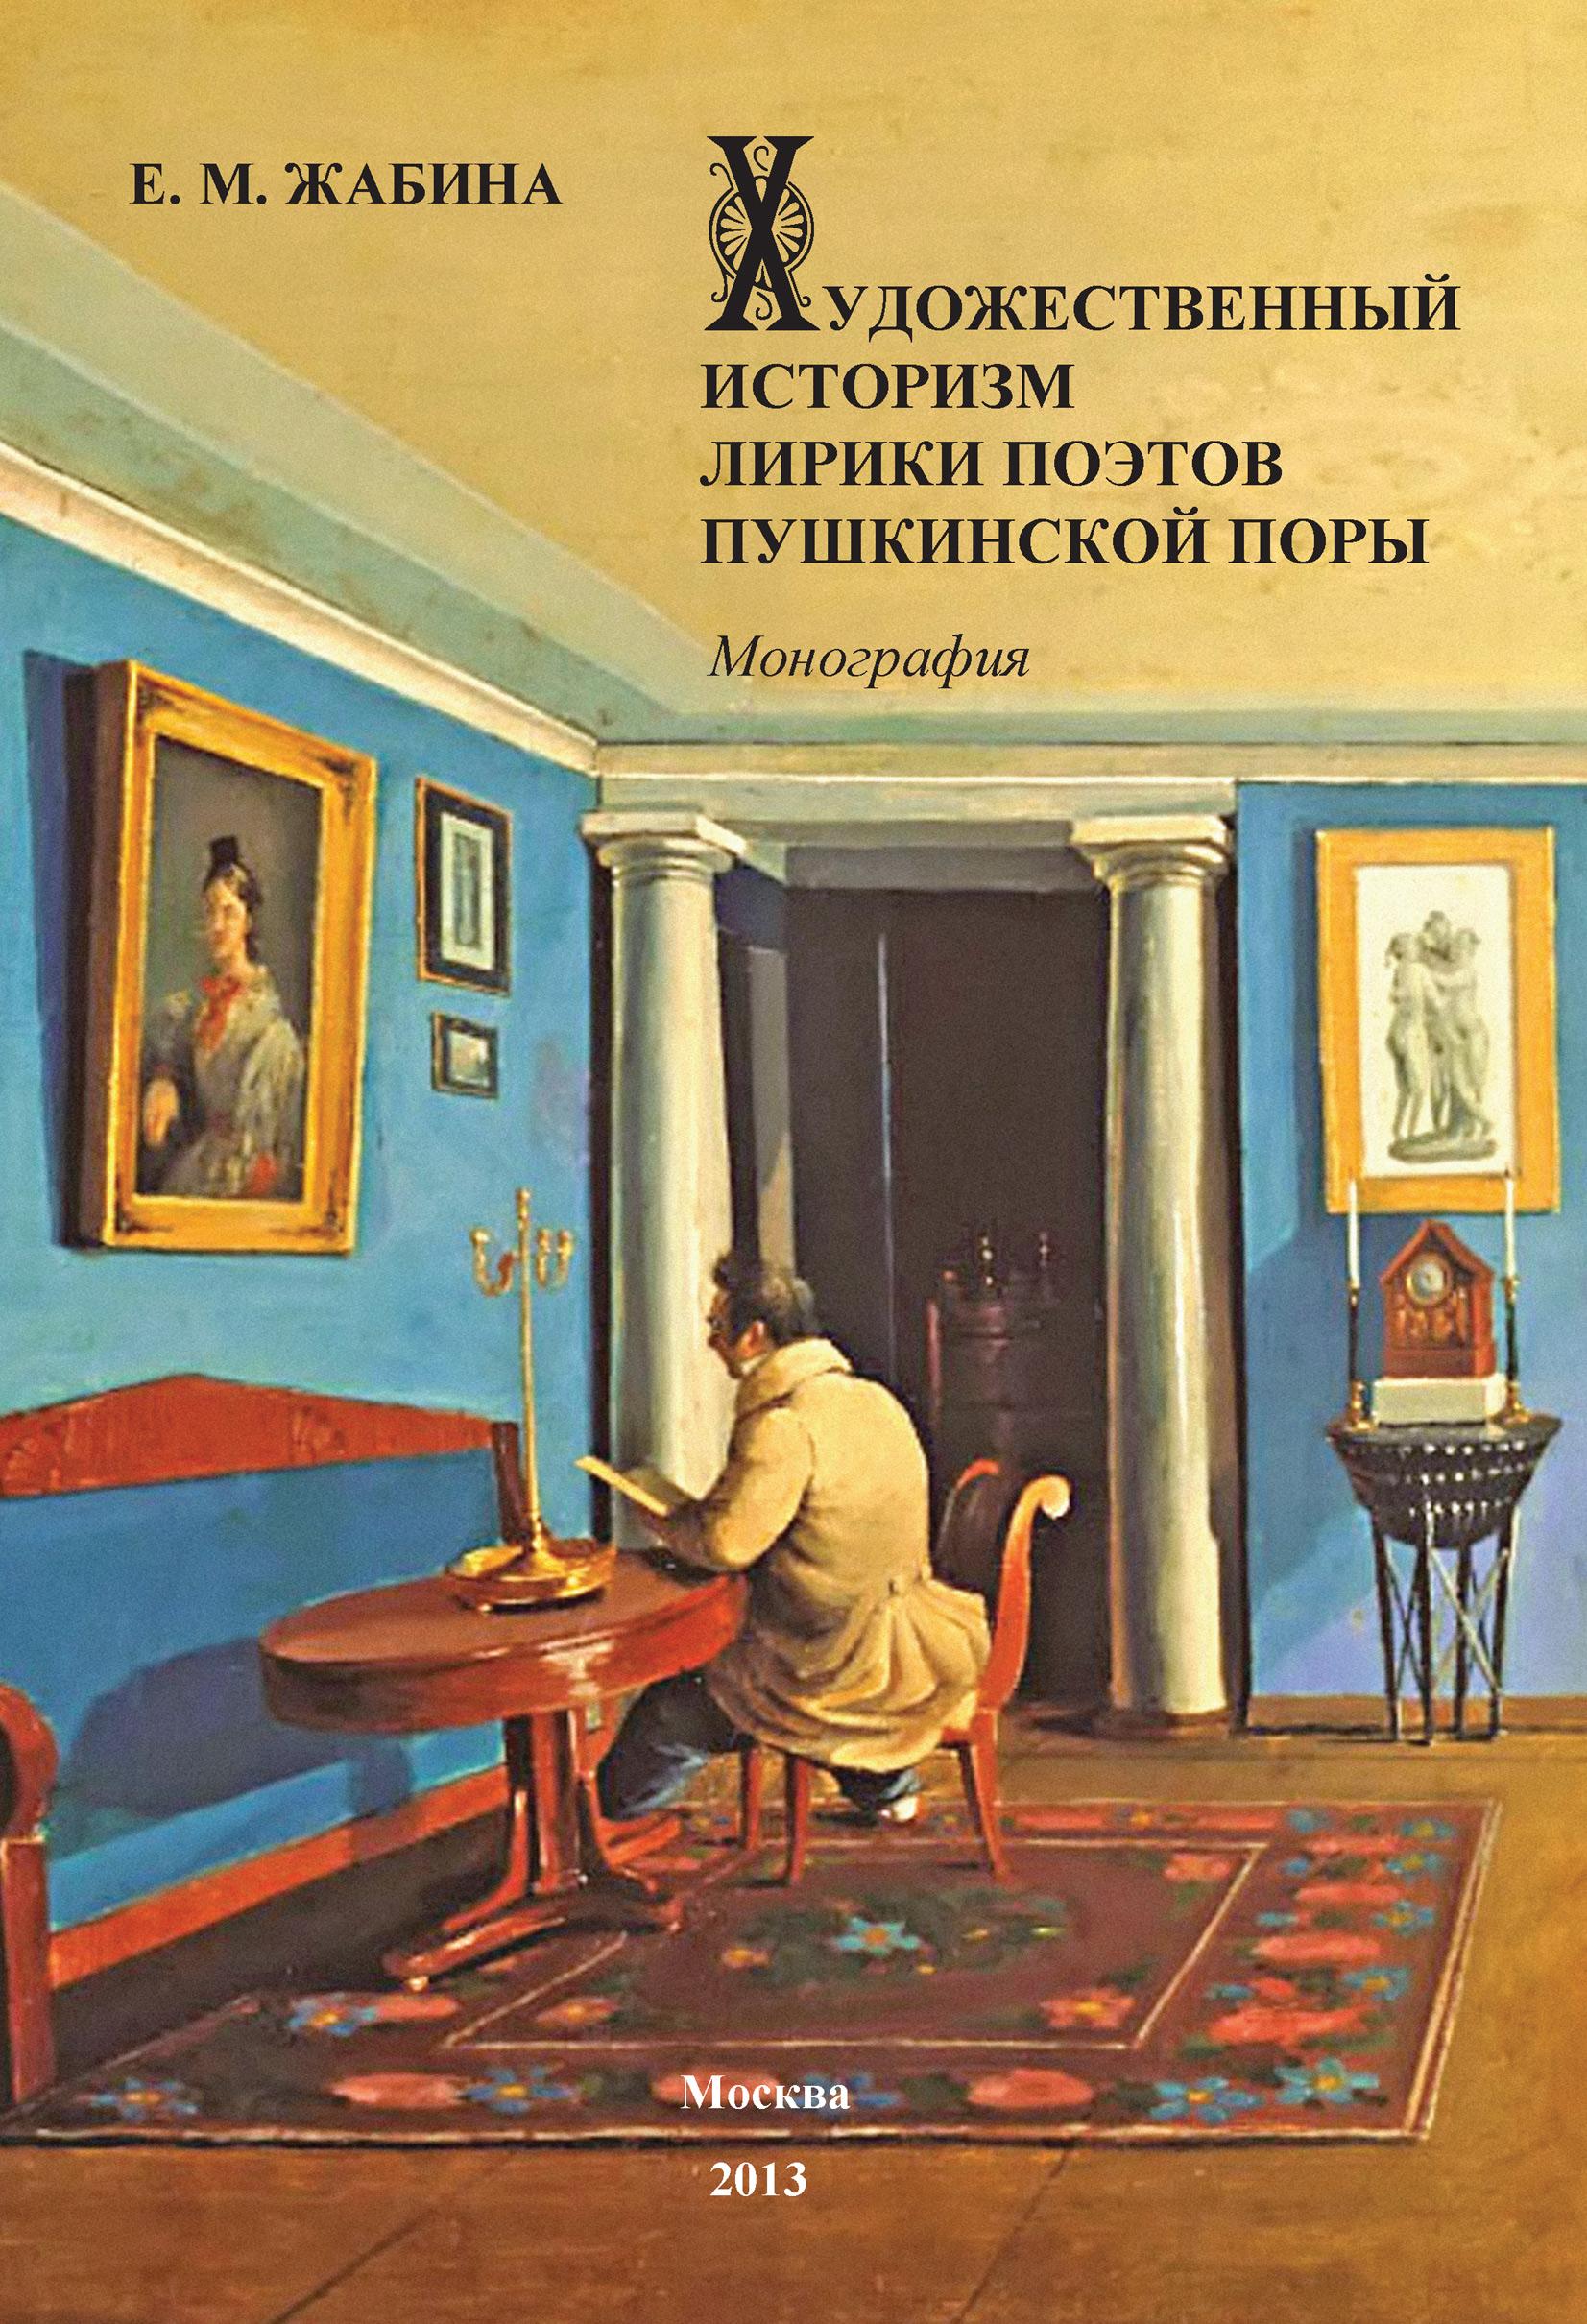 Е. М. Жабина Художественный историзм лирики поэтов пушкинской поры л с кишкин люди пушкинской поры